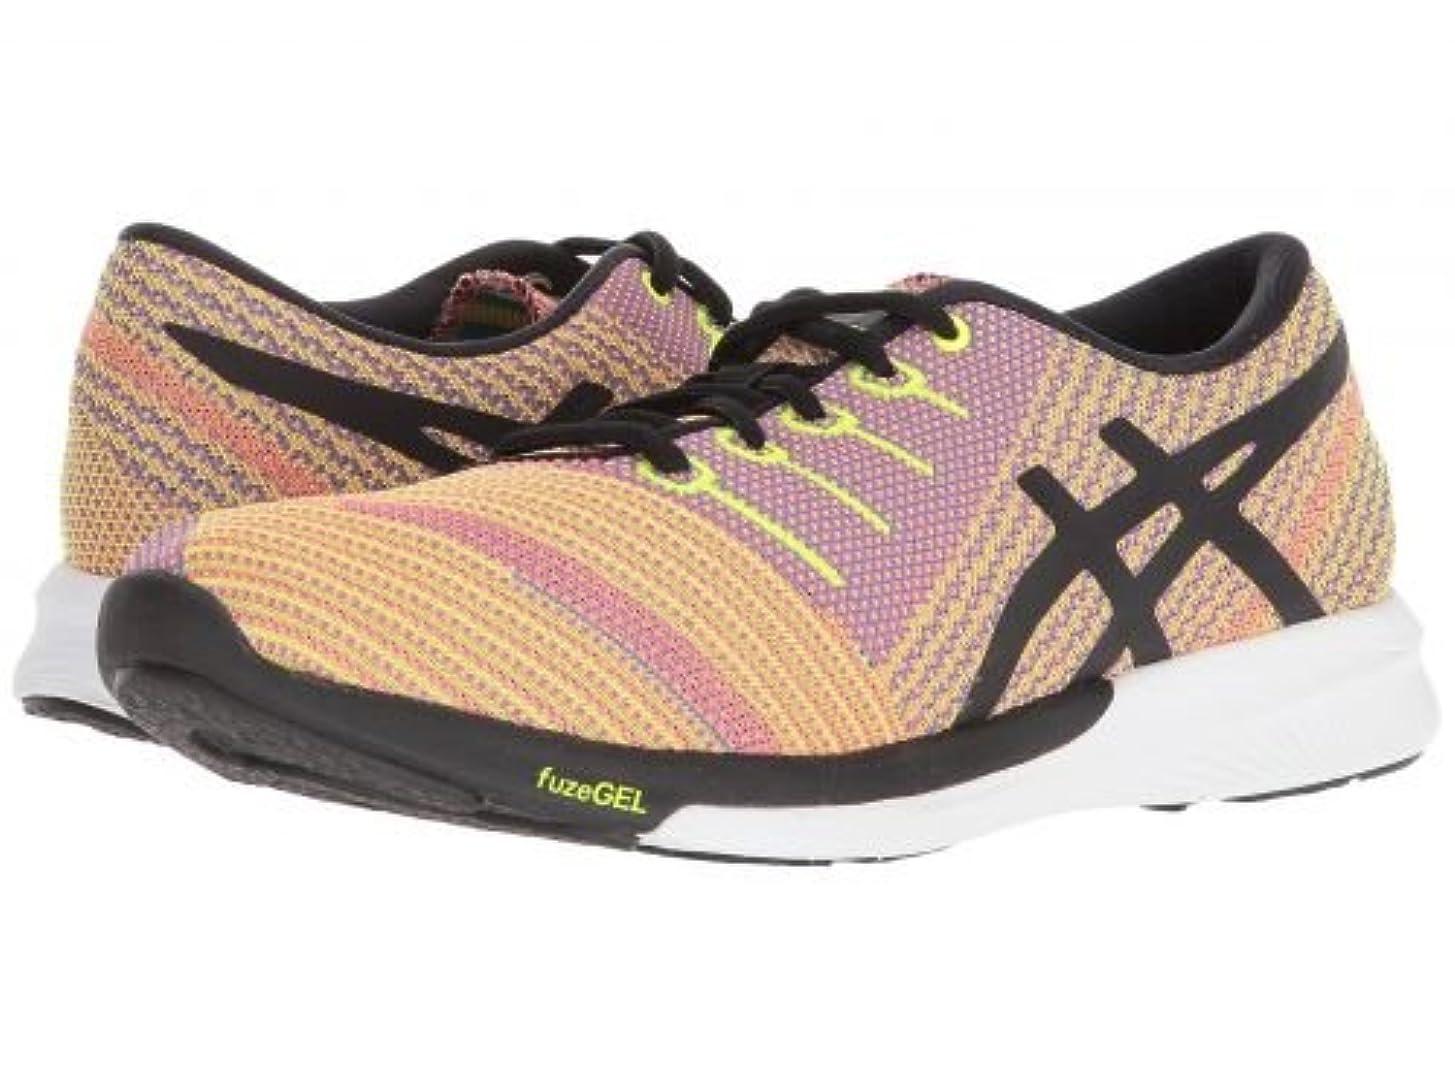 アニメーション公直立ASICS(アシックス) レディース 女性用 シューズ 靴 スニーカー 運動靴 fuzeX Knit - Flash Coral/Black/Safety Yellow 6 B - Medium [並行輸入品]